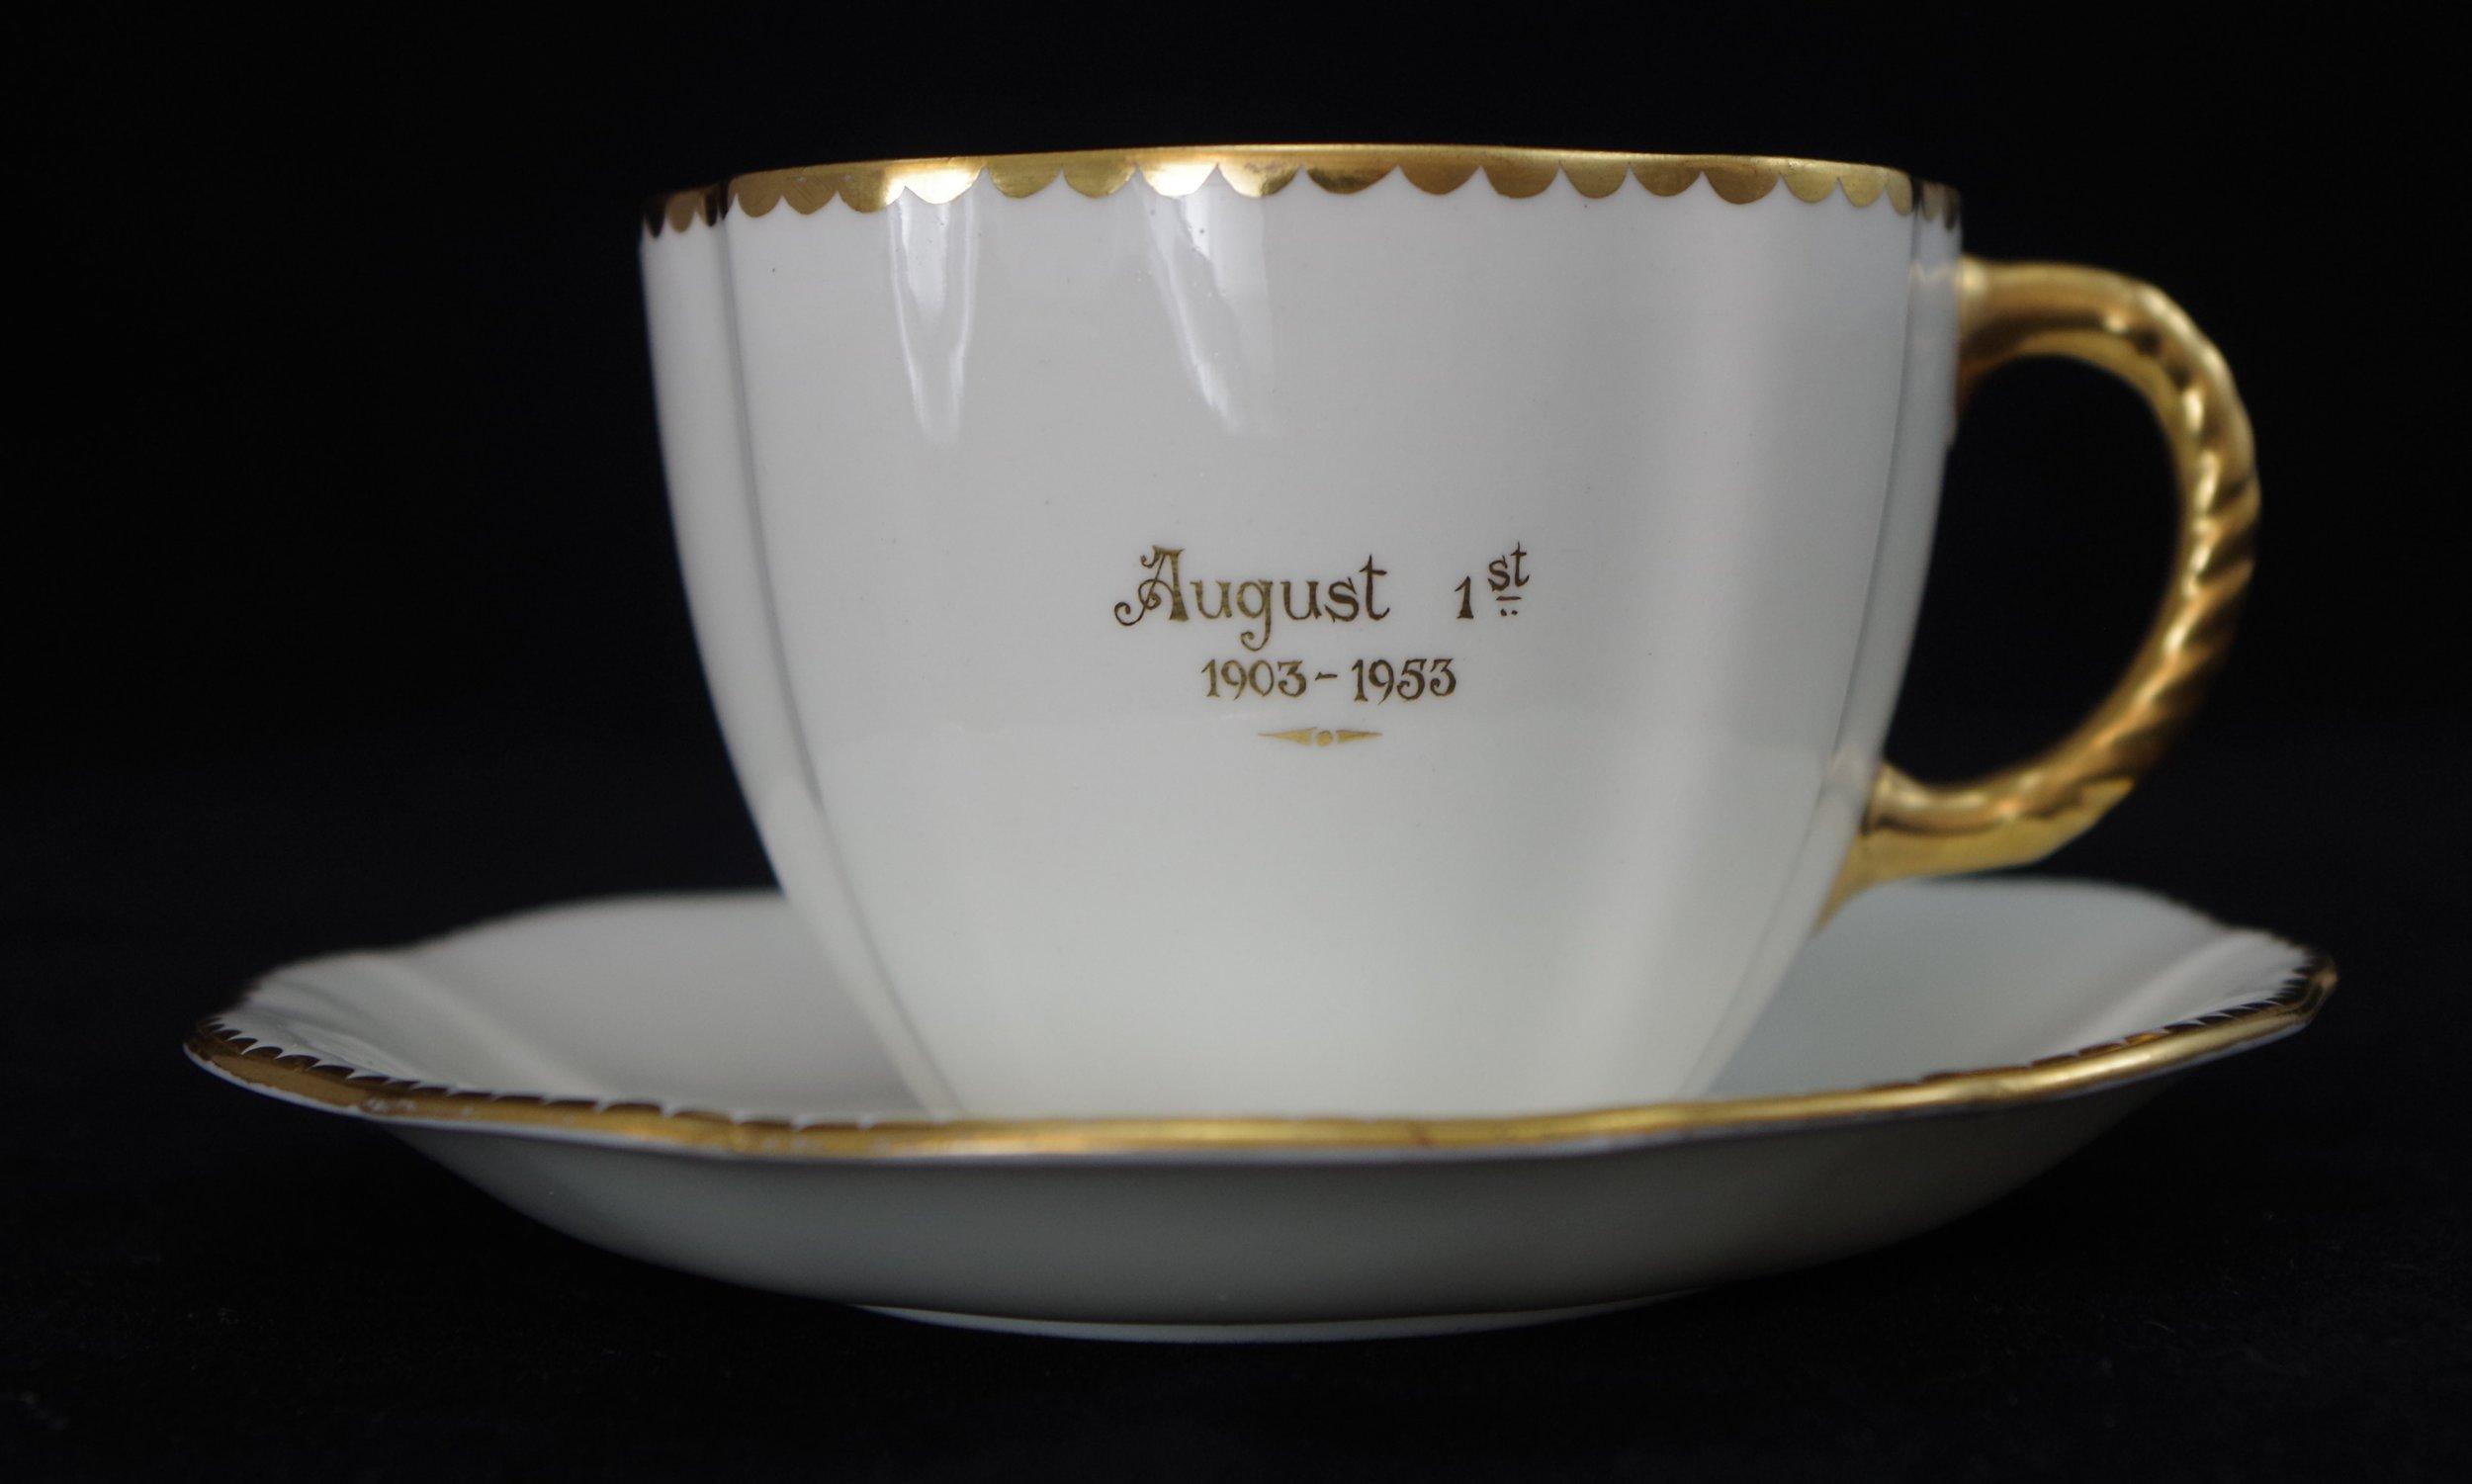 royal-crown-derby-surrey-golden-wedding-anniversary-1st-august-1953